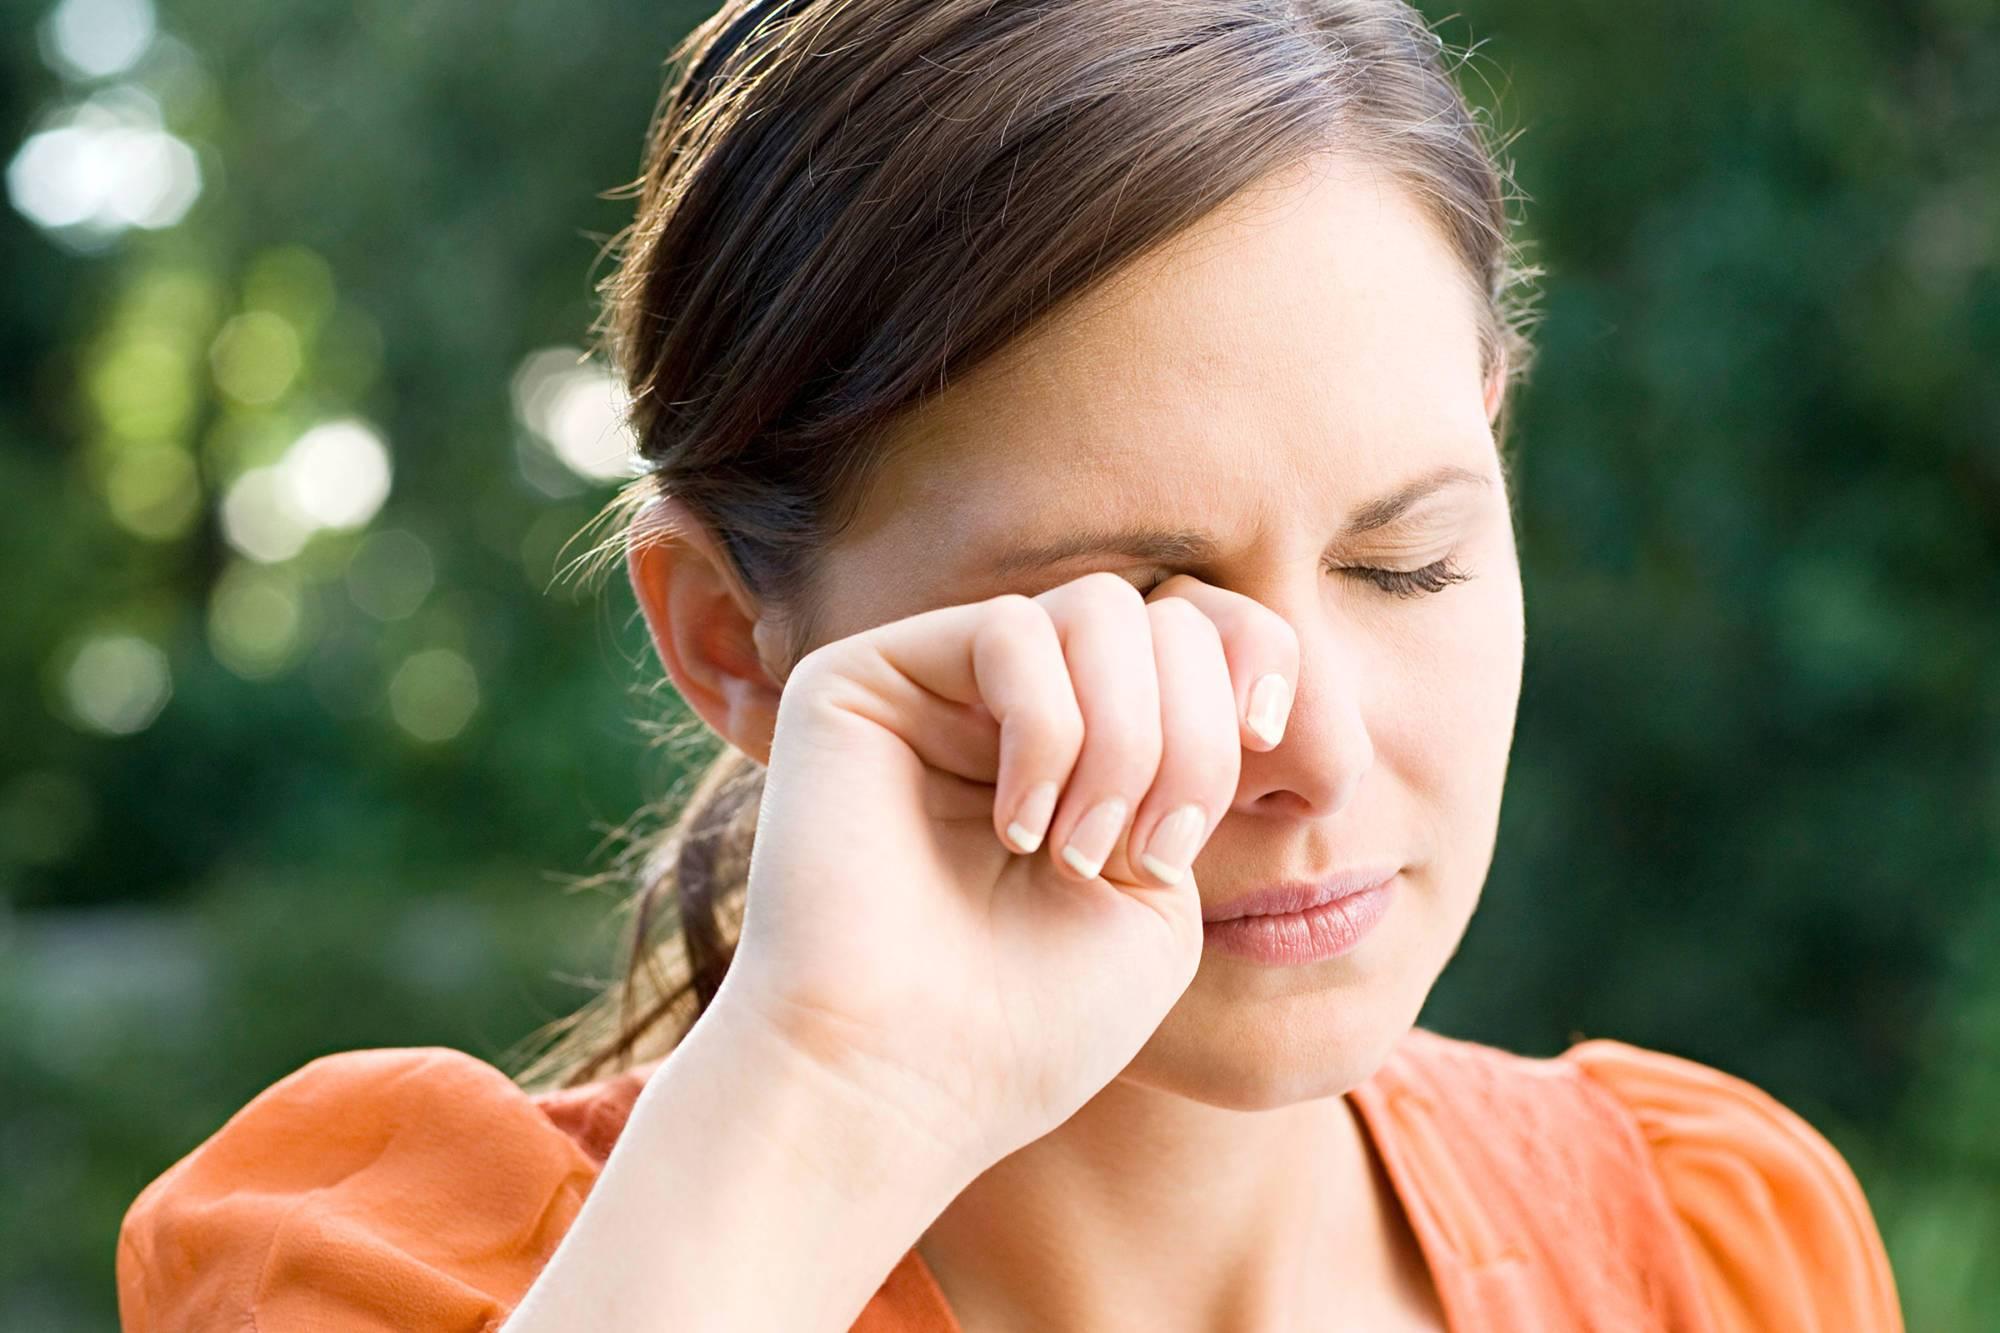 Резкая боль в глазу: причины колющей боли oculistic.ru резкая боль в глазу: причины колющей боли